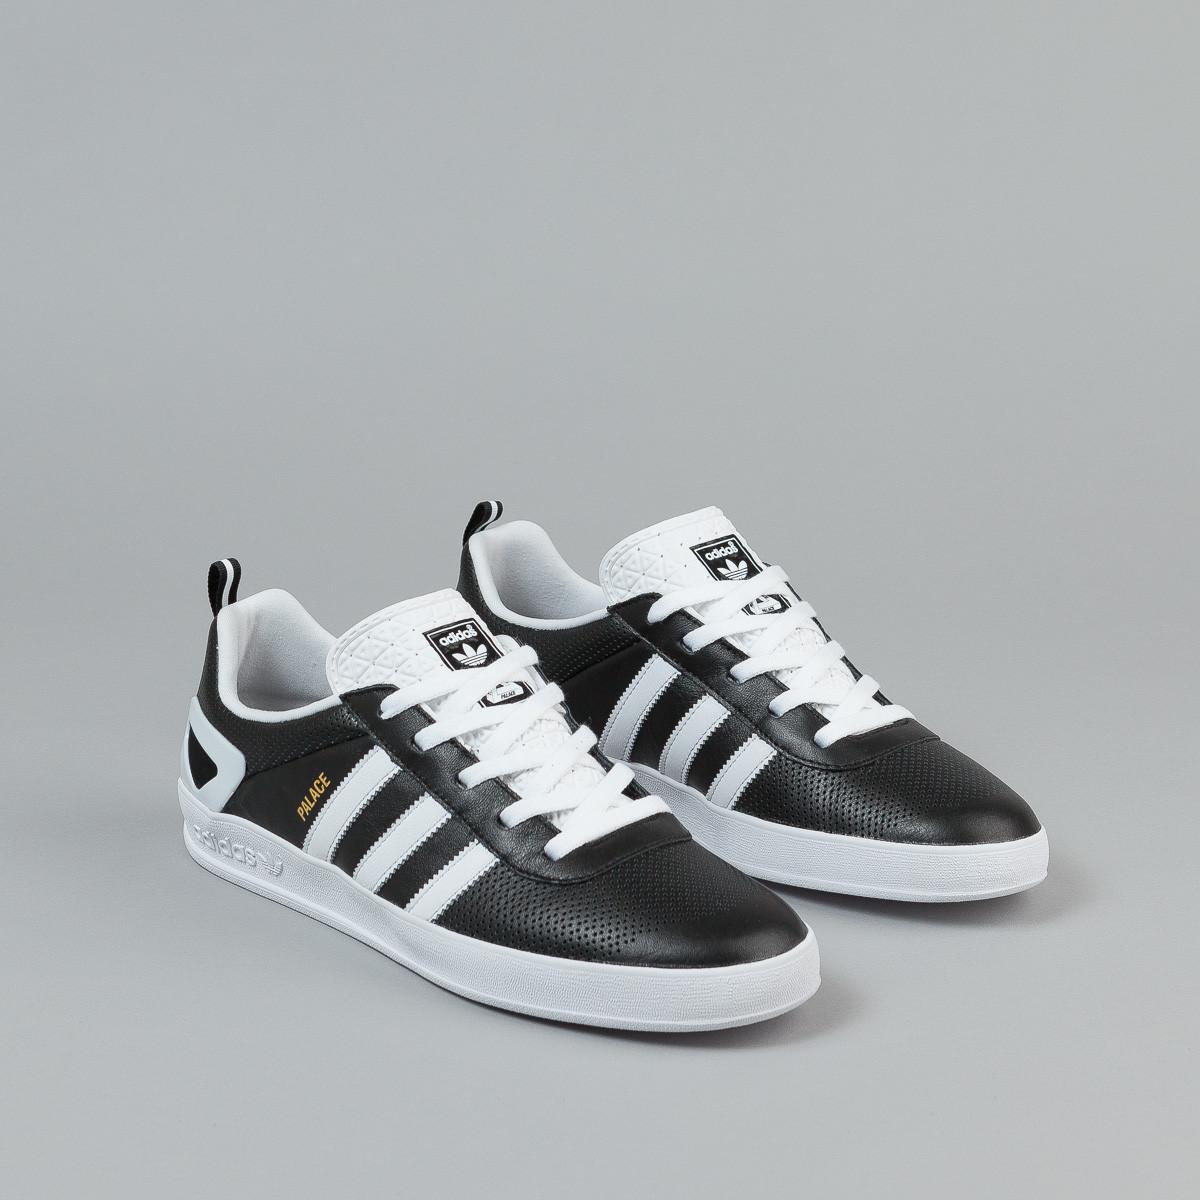 chaussure adidas x palace